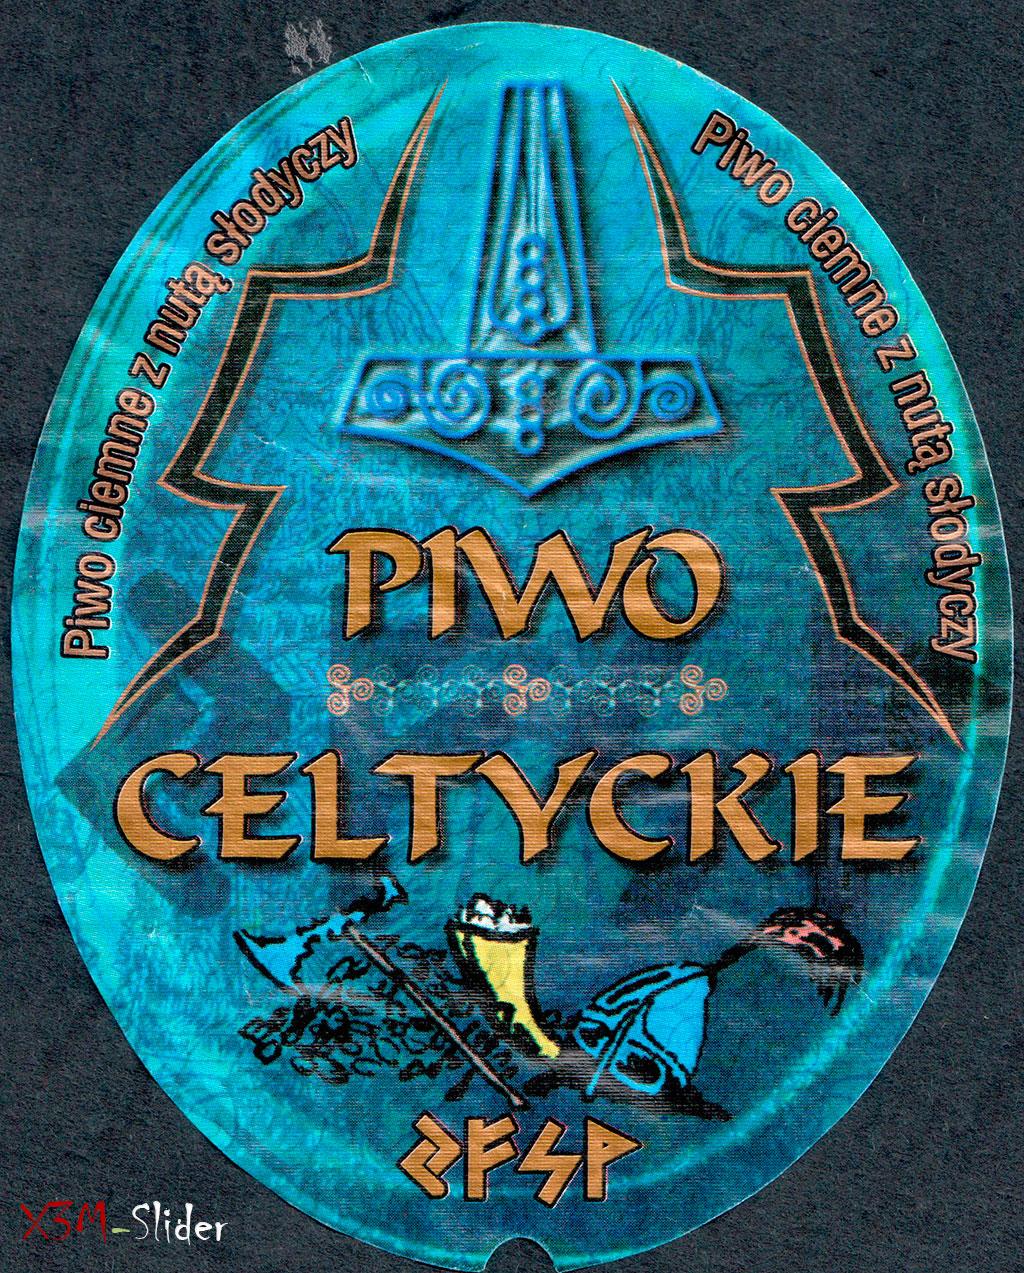 Piwo Celtyckie - Witnica